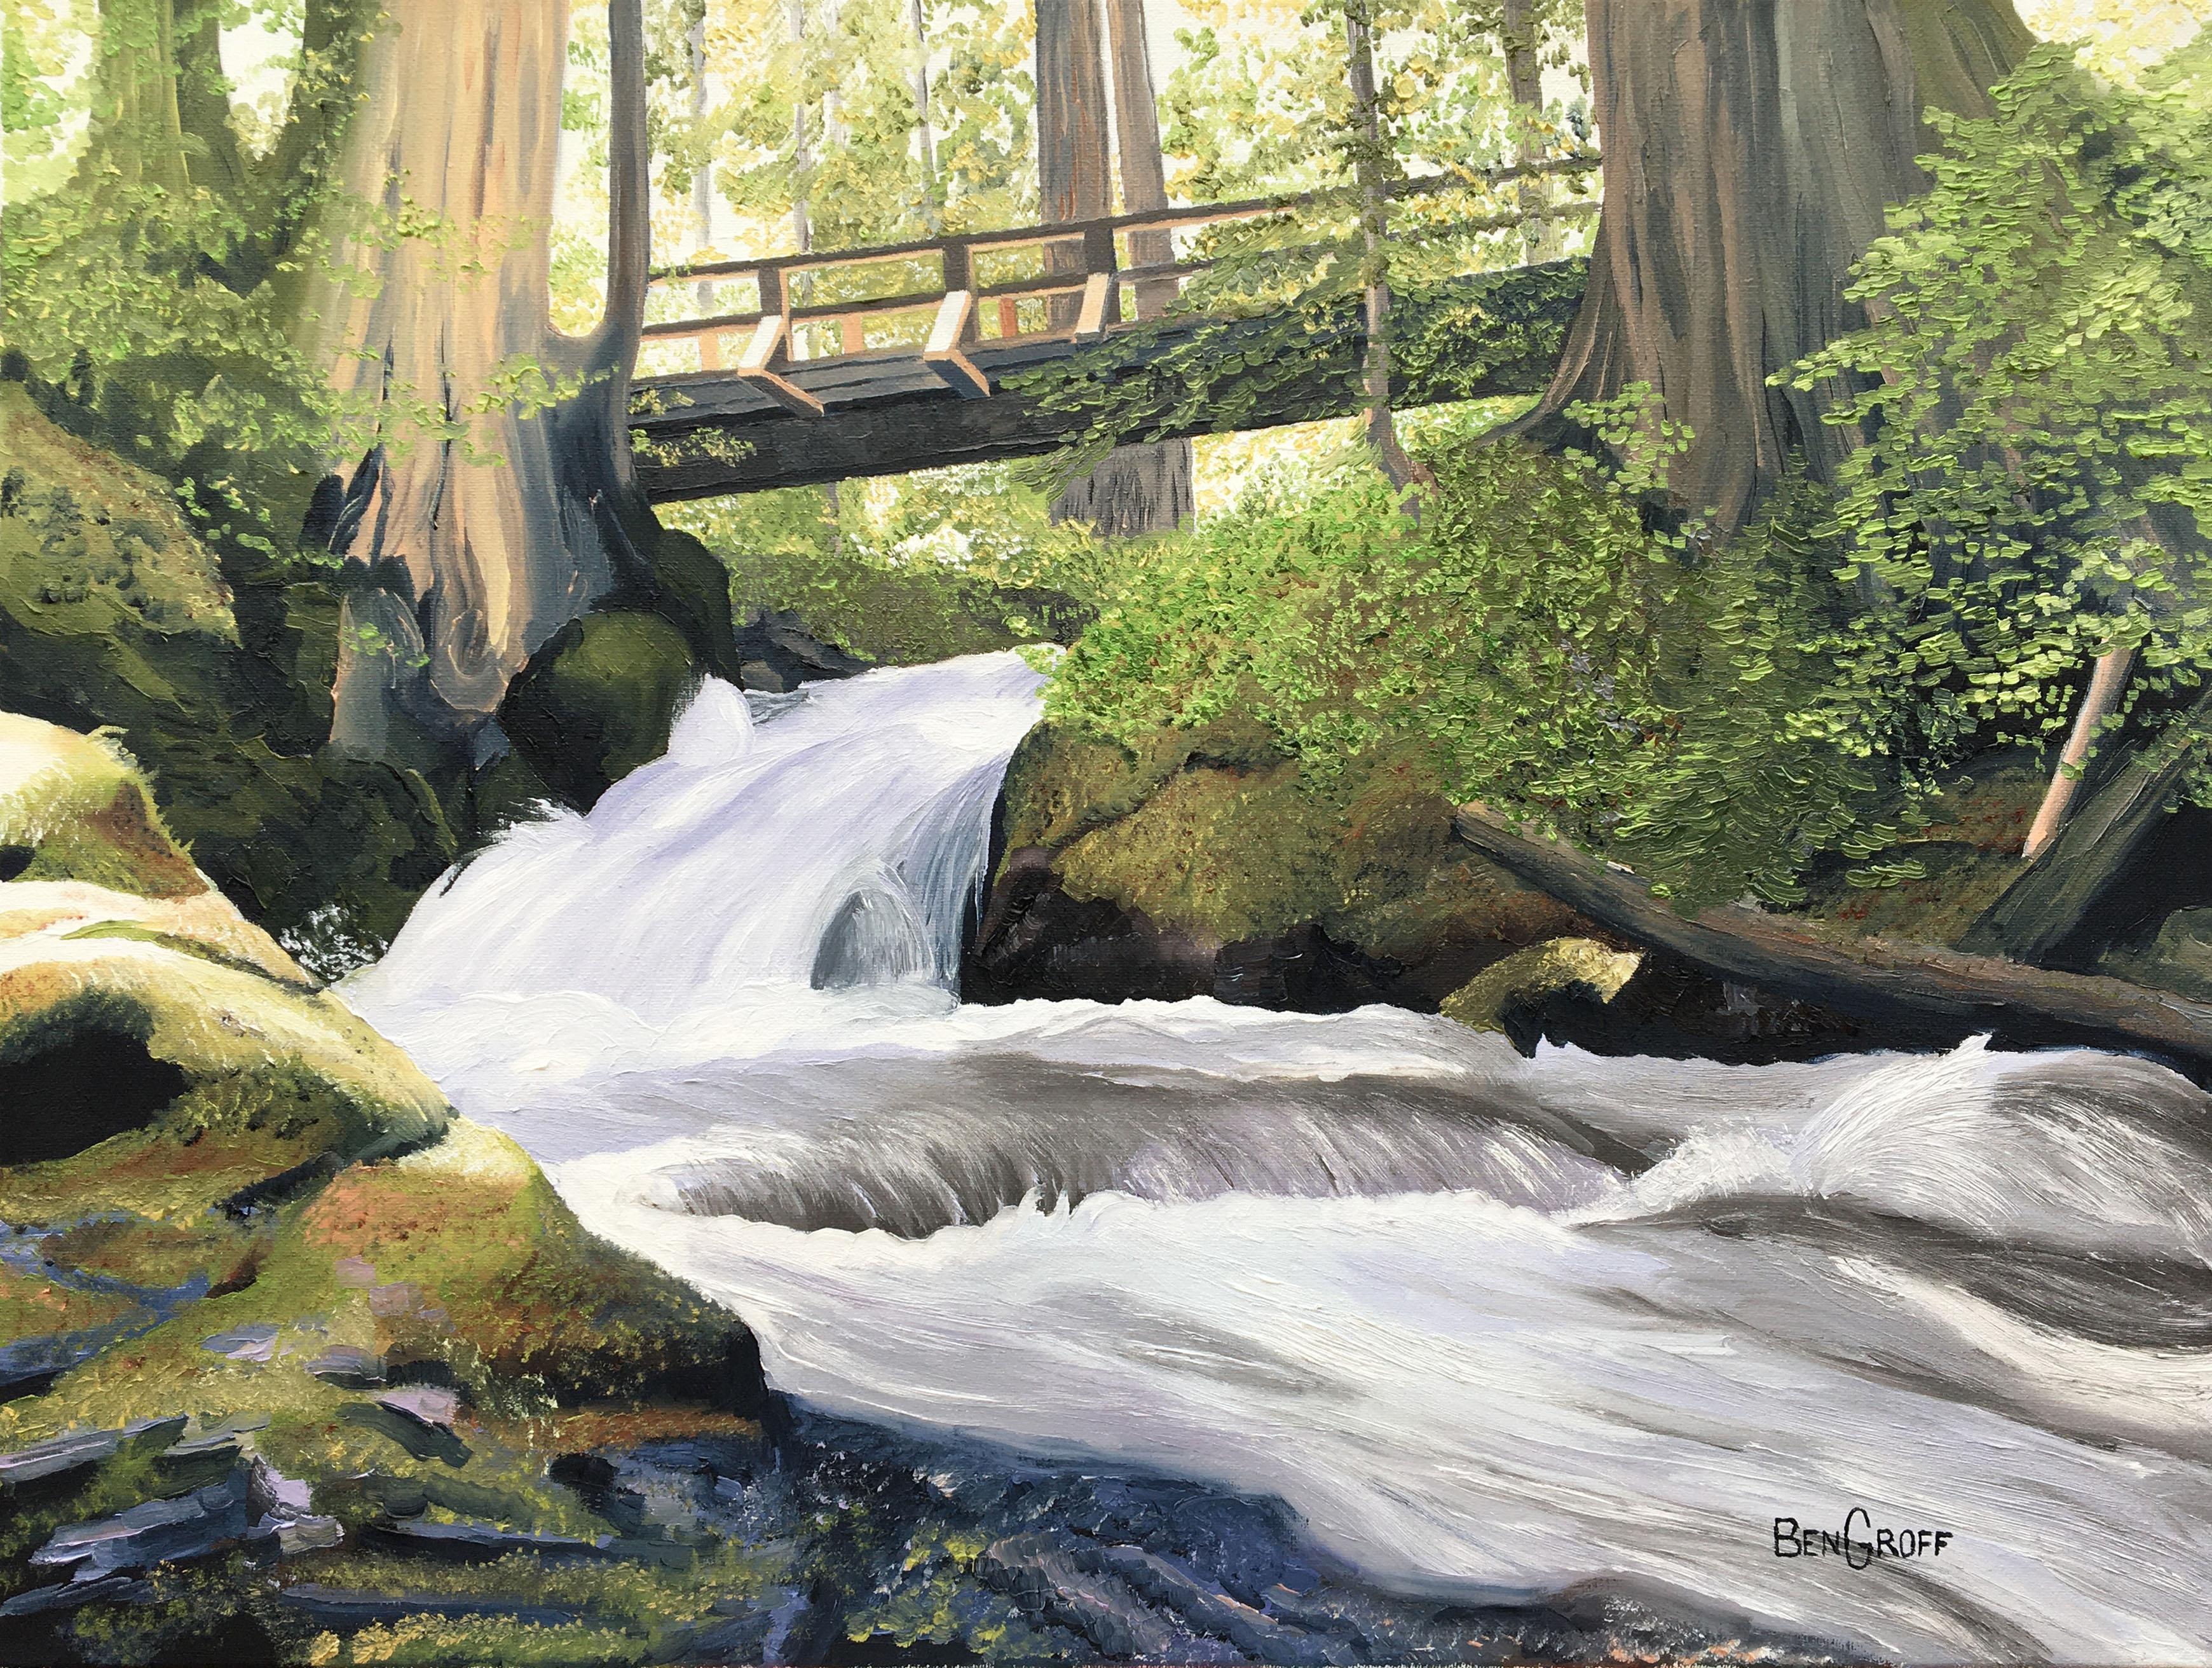 The-Bridge-at-22-Creek